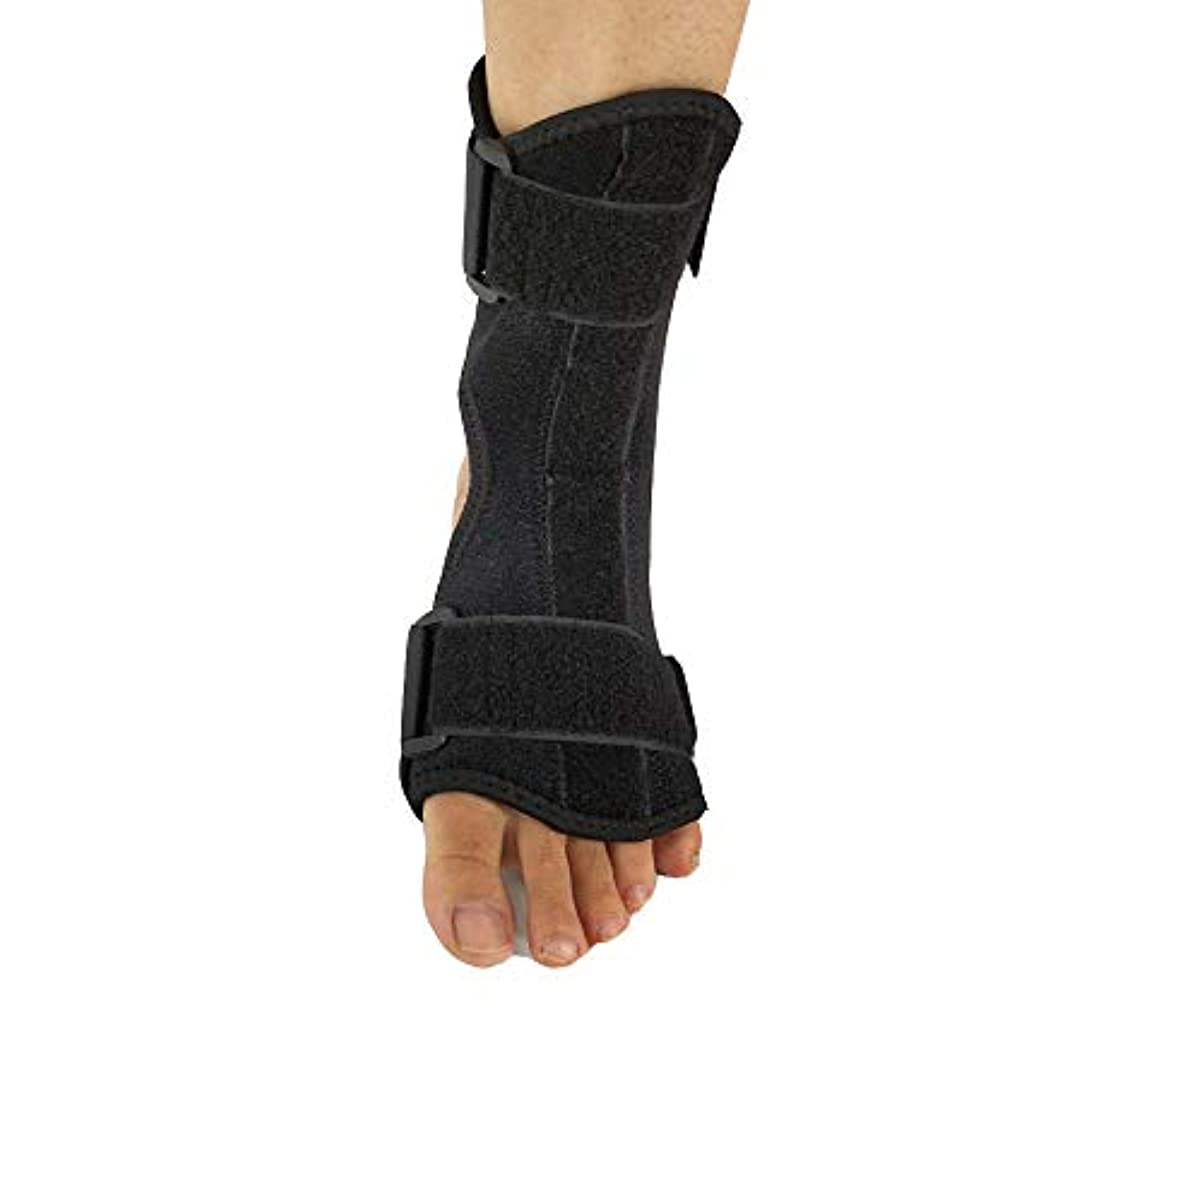 神聖クラブ悲鳴足首安定器、足首ブレース、足首サポート、スプリントサポート足首矯正装具ブレース、捻rainサポート、緊張、関節炎